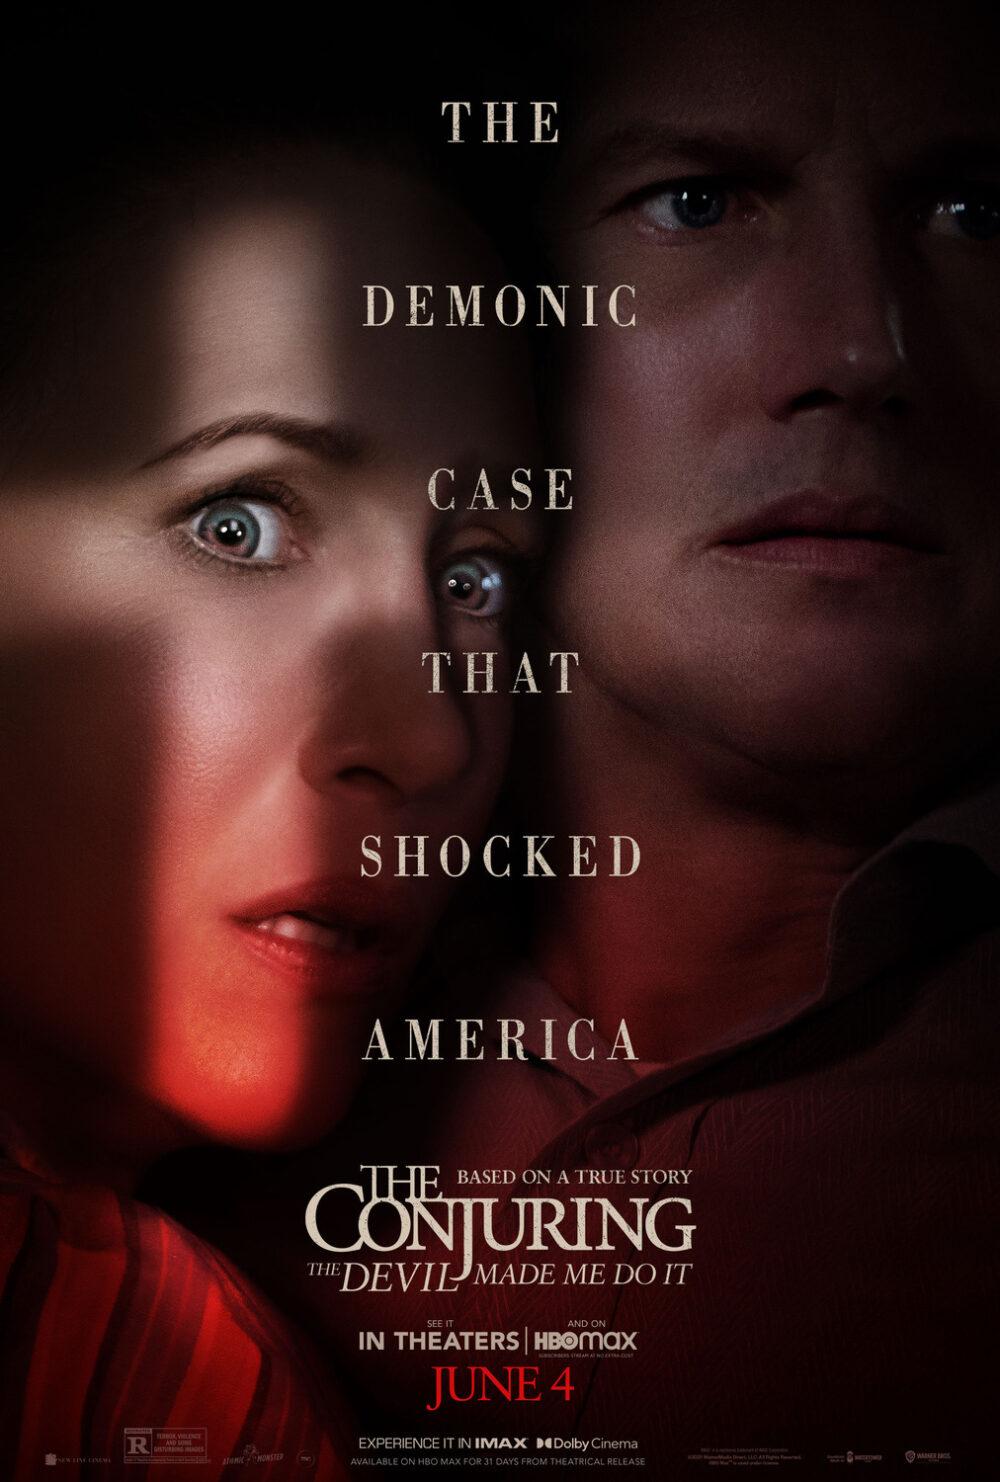 the-conjuring-per-ordine-del-diavolo-trailer-italiano-di-the-conjuring-3